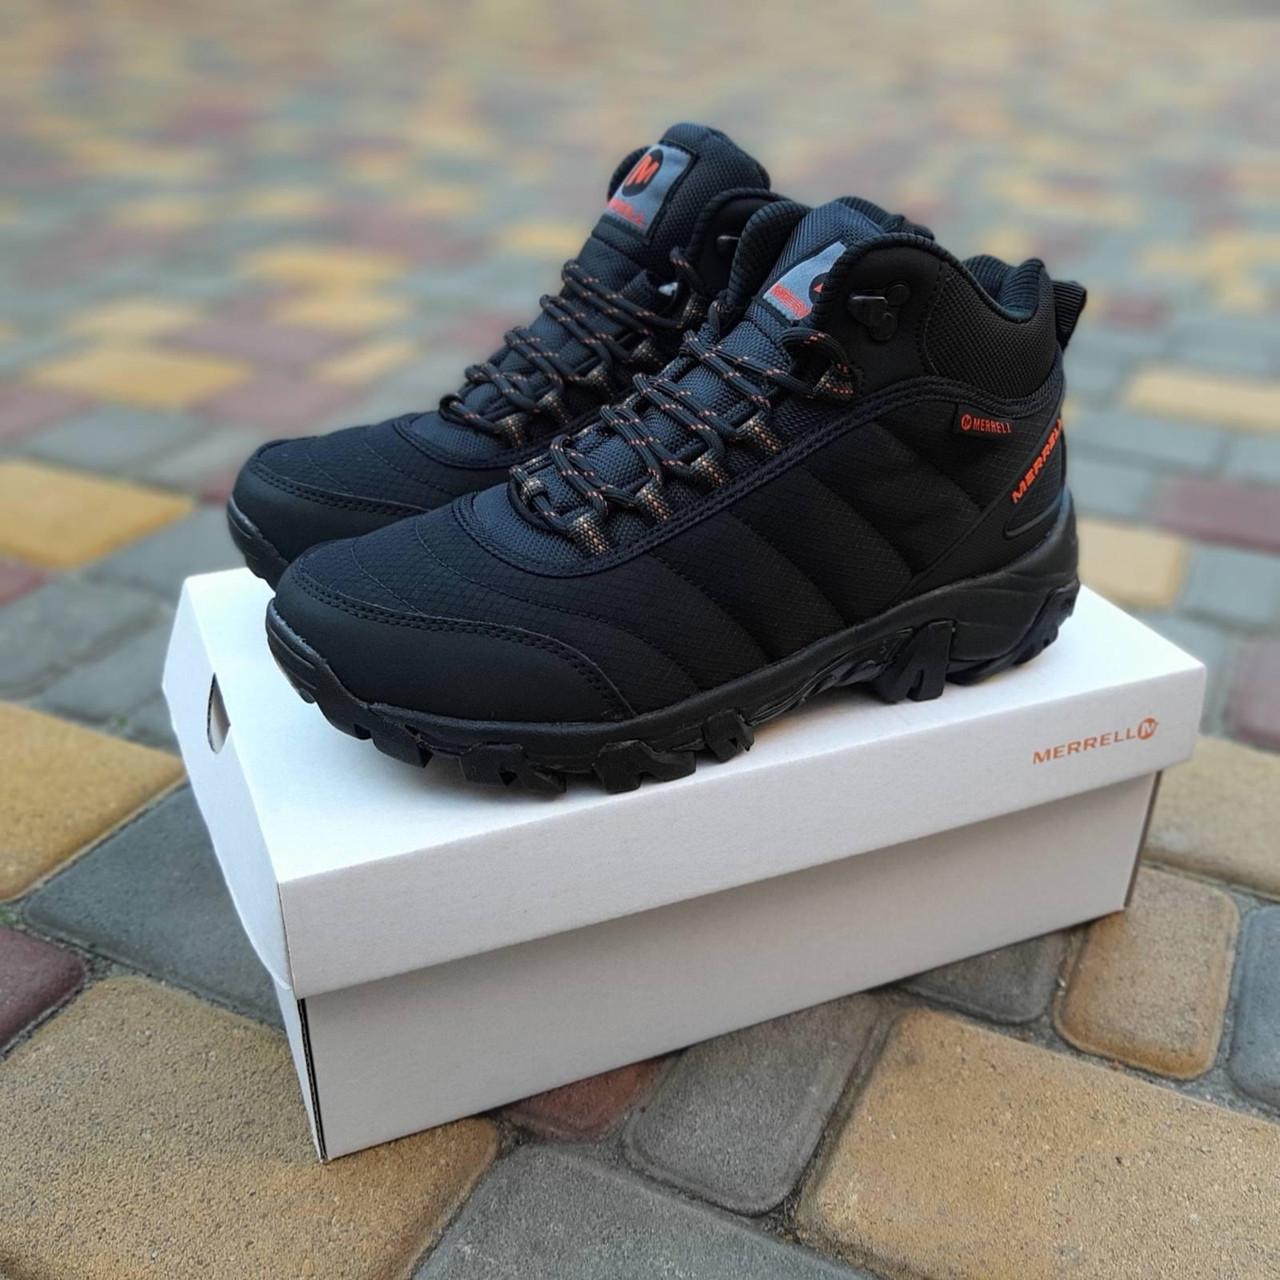 Merrell мужские зимние черные с оранжевым кроссовки на шнурках 43